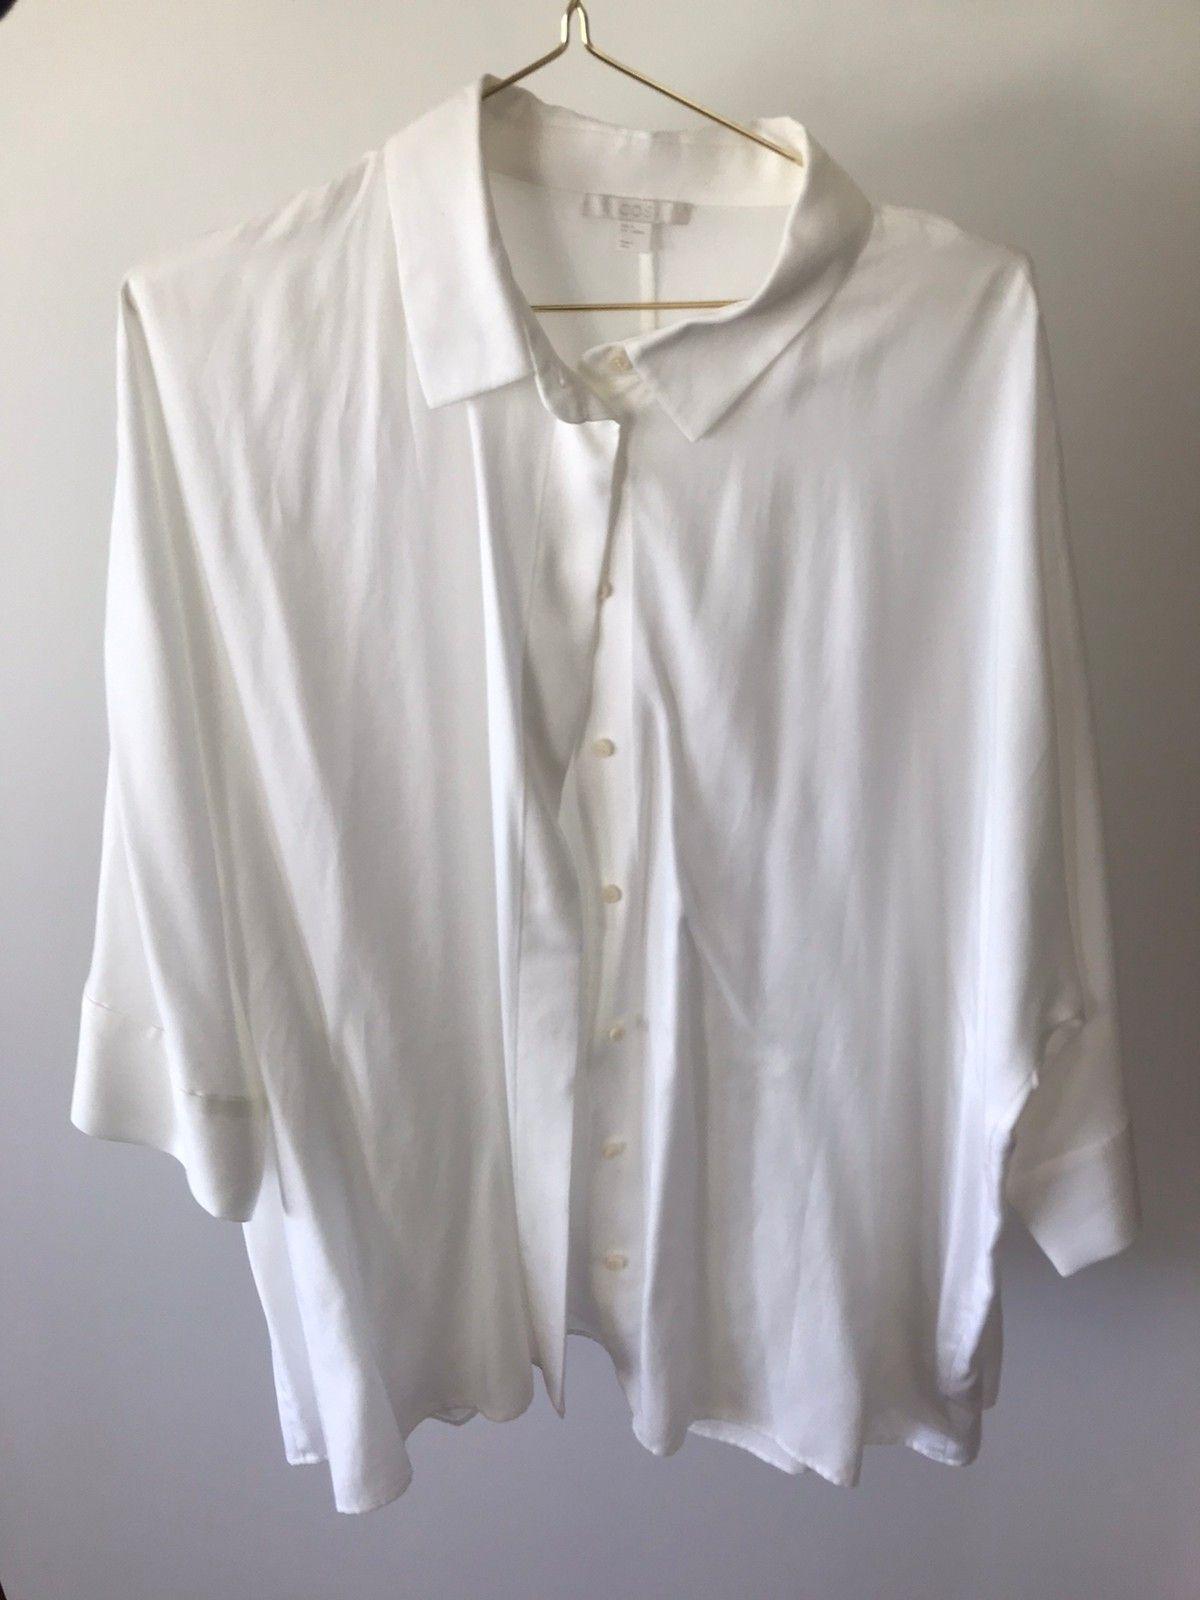 COS skjorte med kinakrage | FINN.no